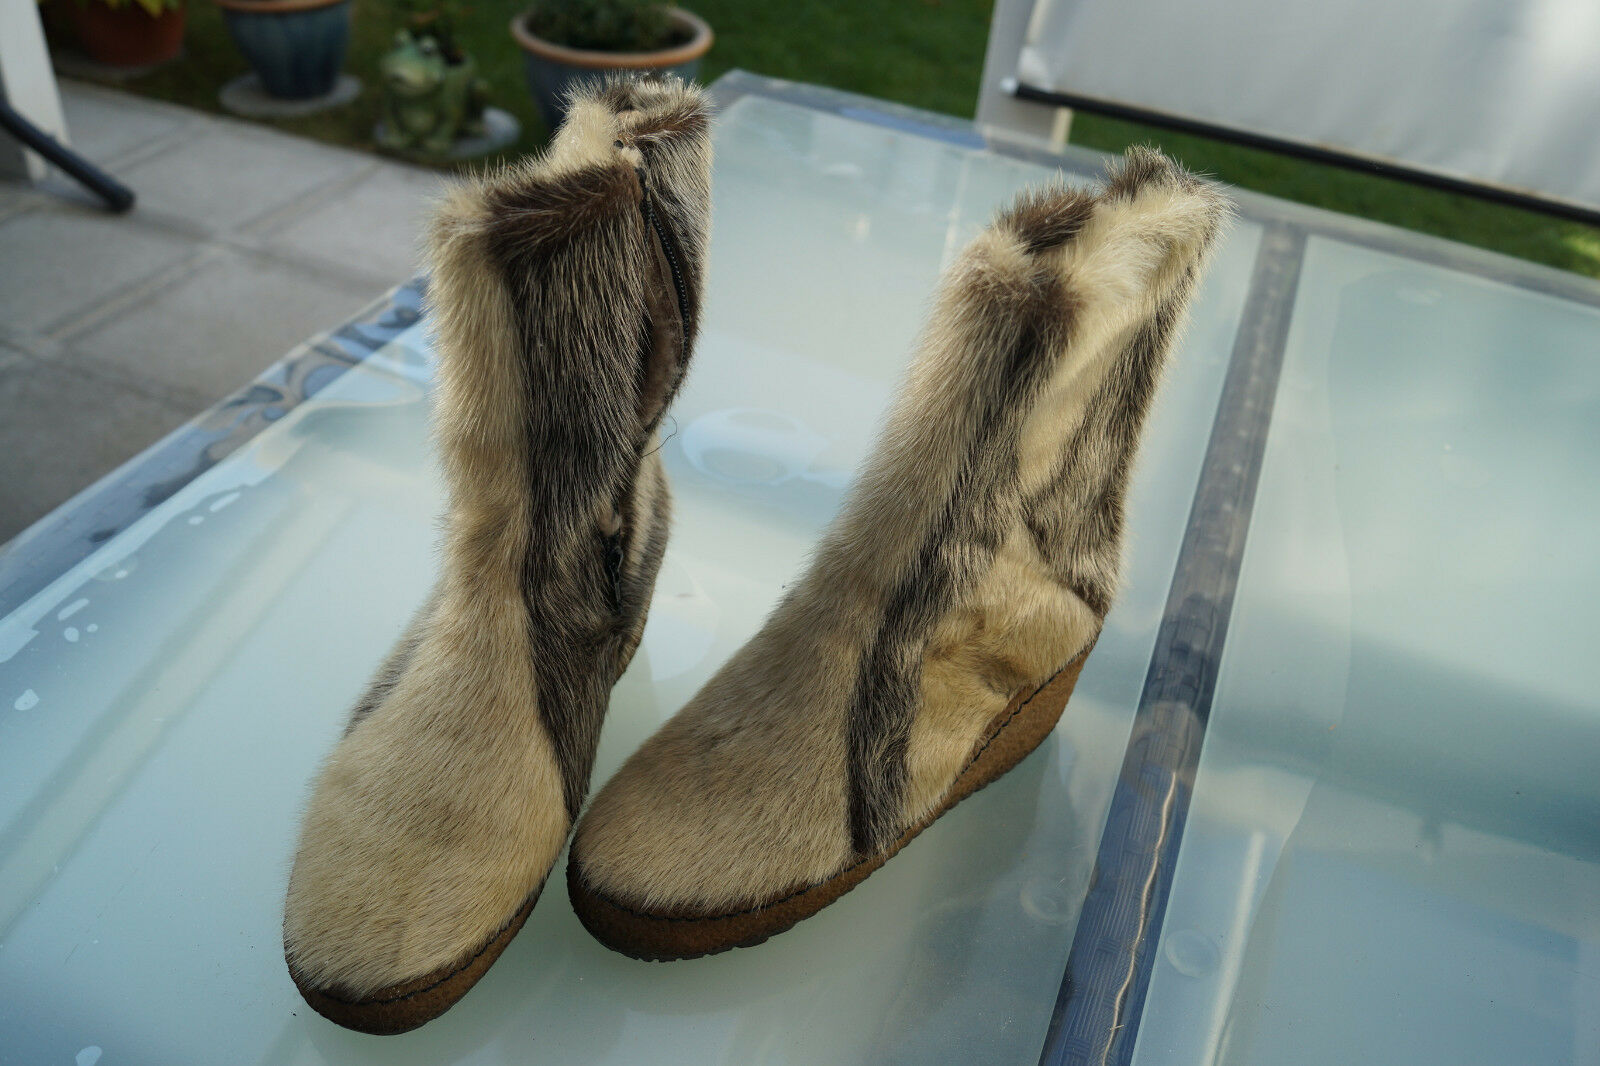 Schapuro kvinnor Winter Winter Winter skor stövlar Fur stövlar Storlek 41 Shearling Lined  professionellt integrerat online köpcentrum